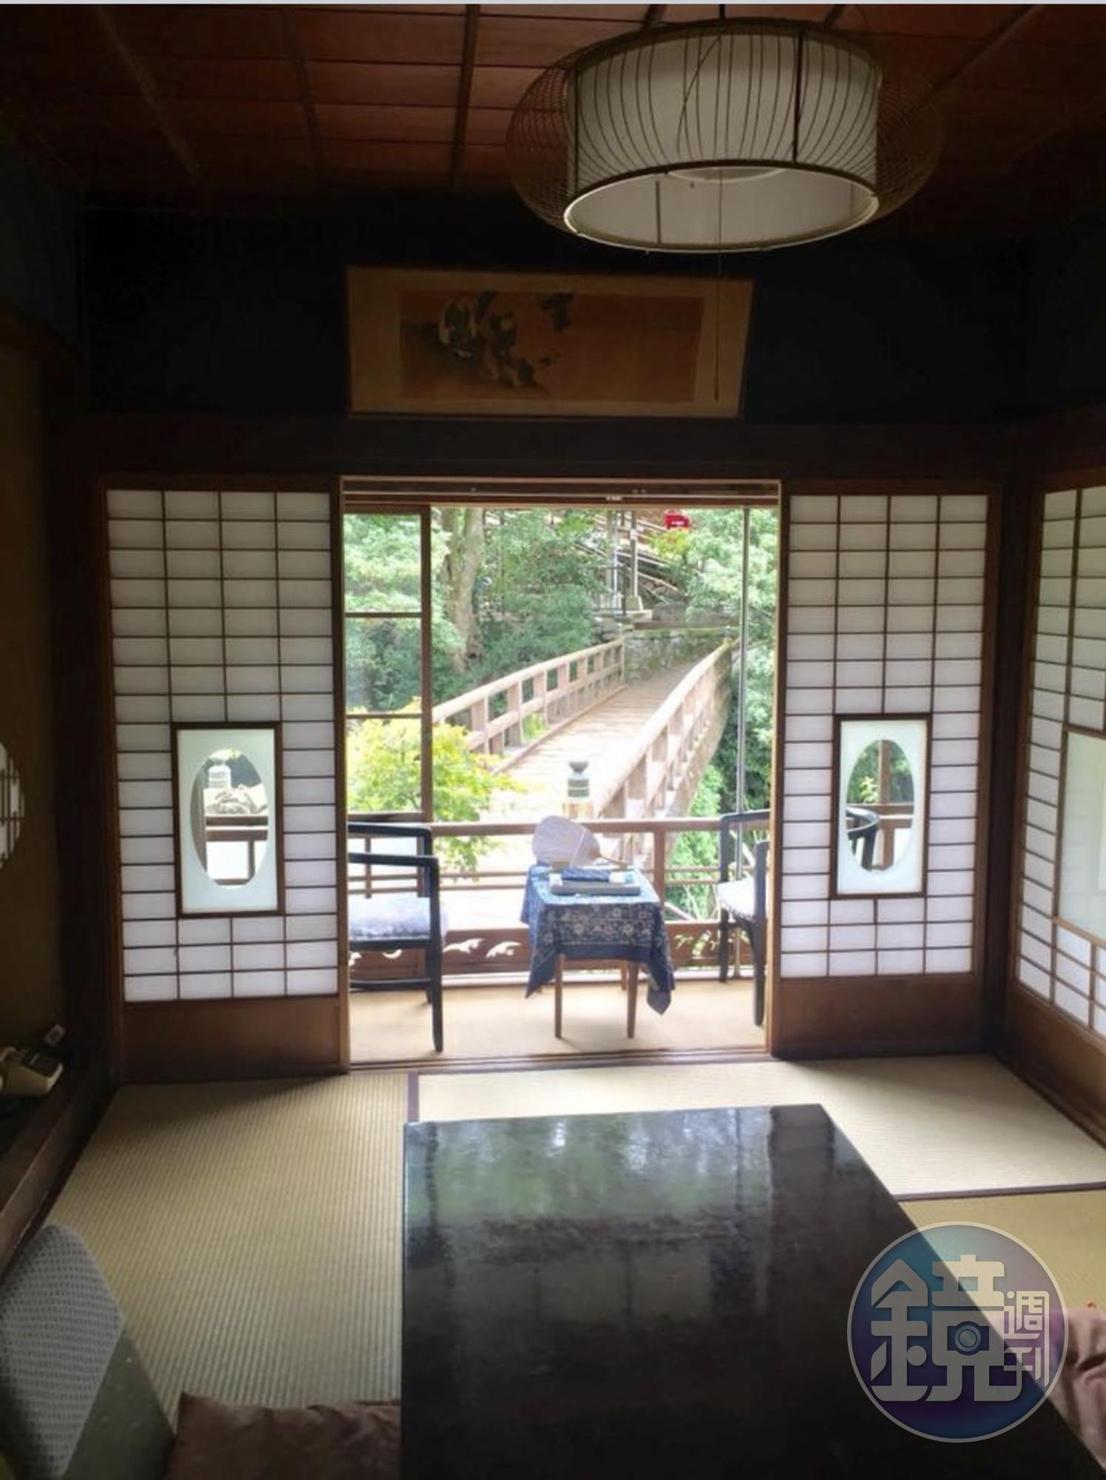 《伊豆的舞孃》中的大學生,就住在福田家2樓這間可以眺望木橋的房間。